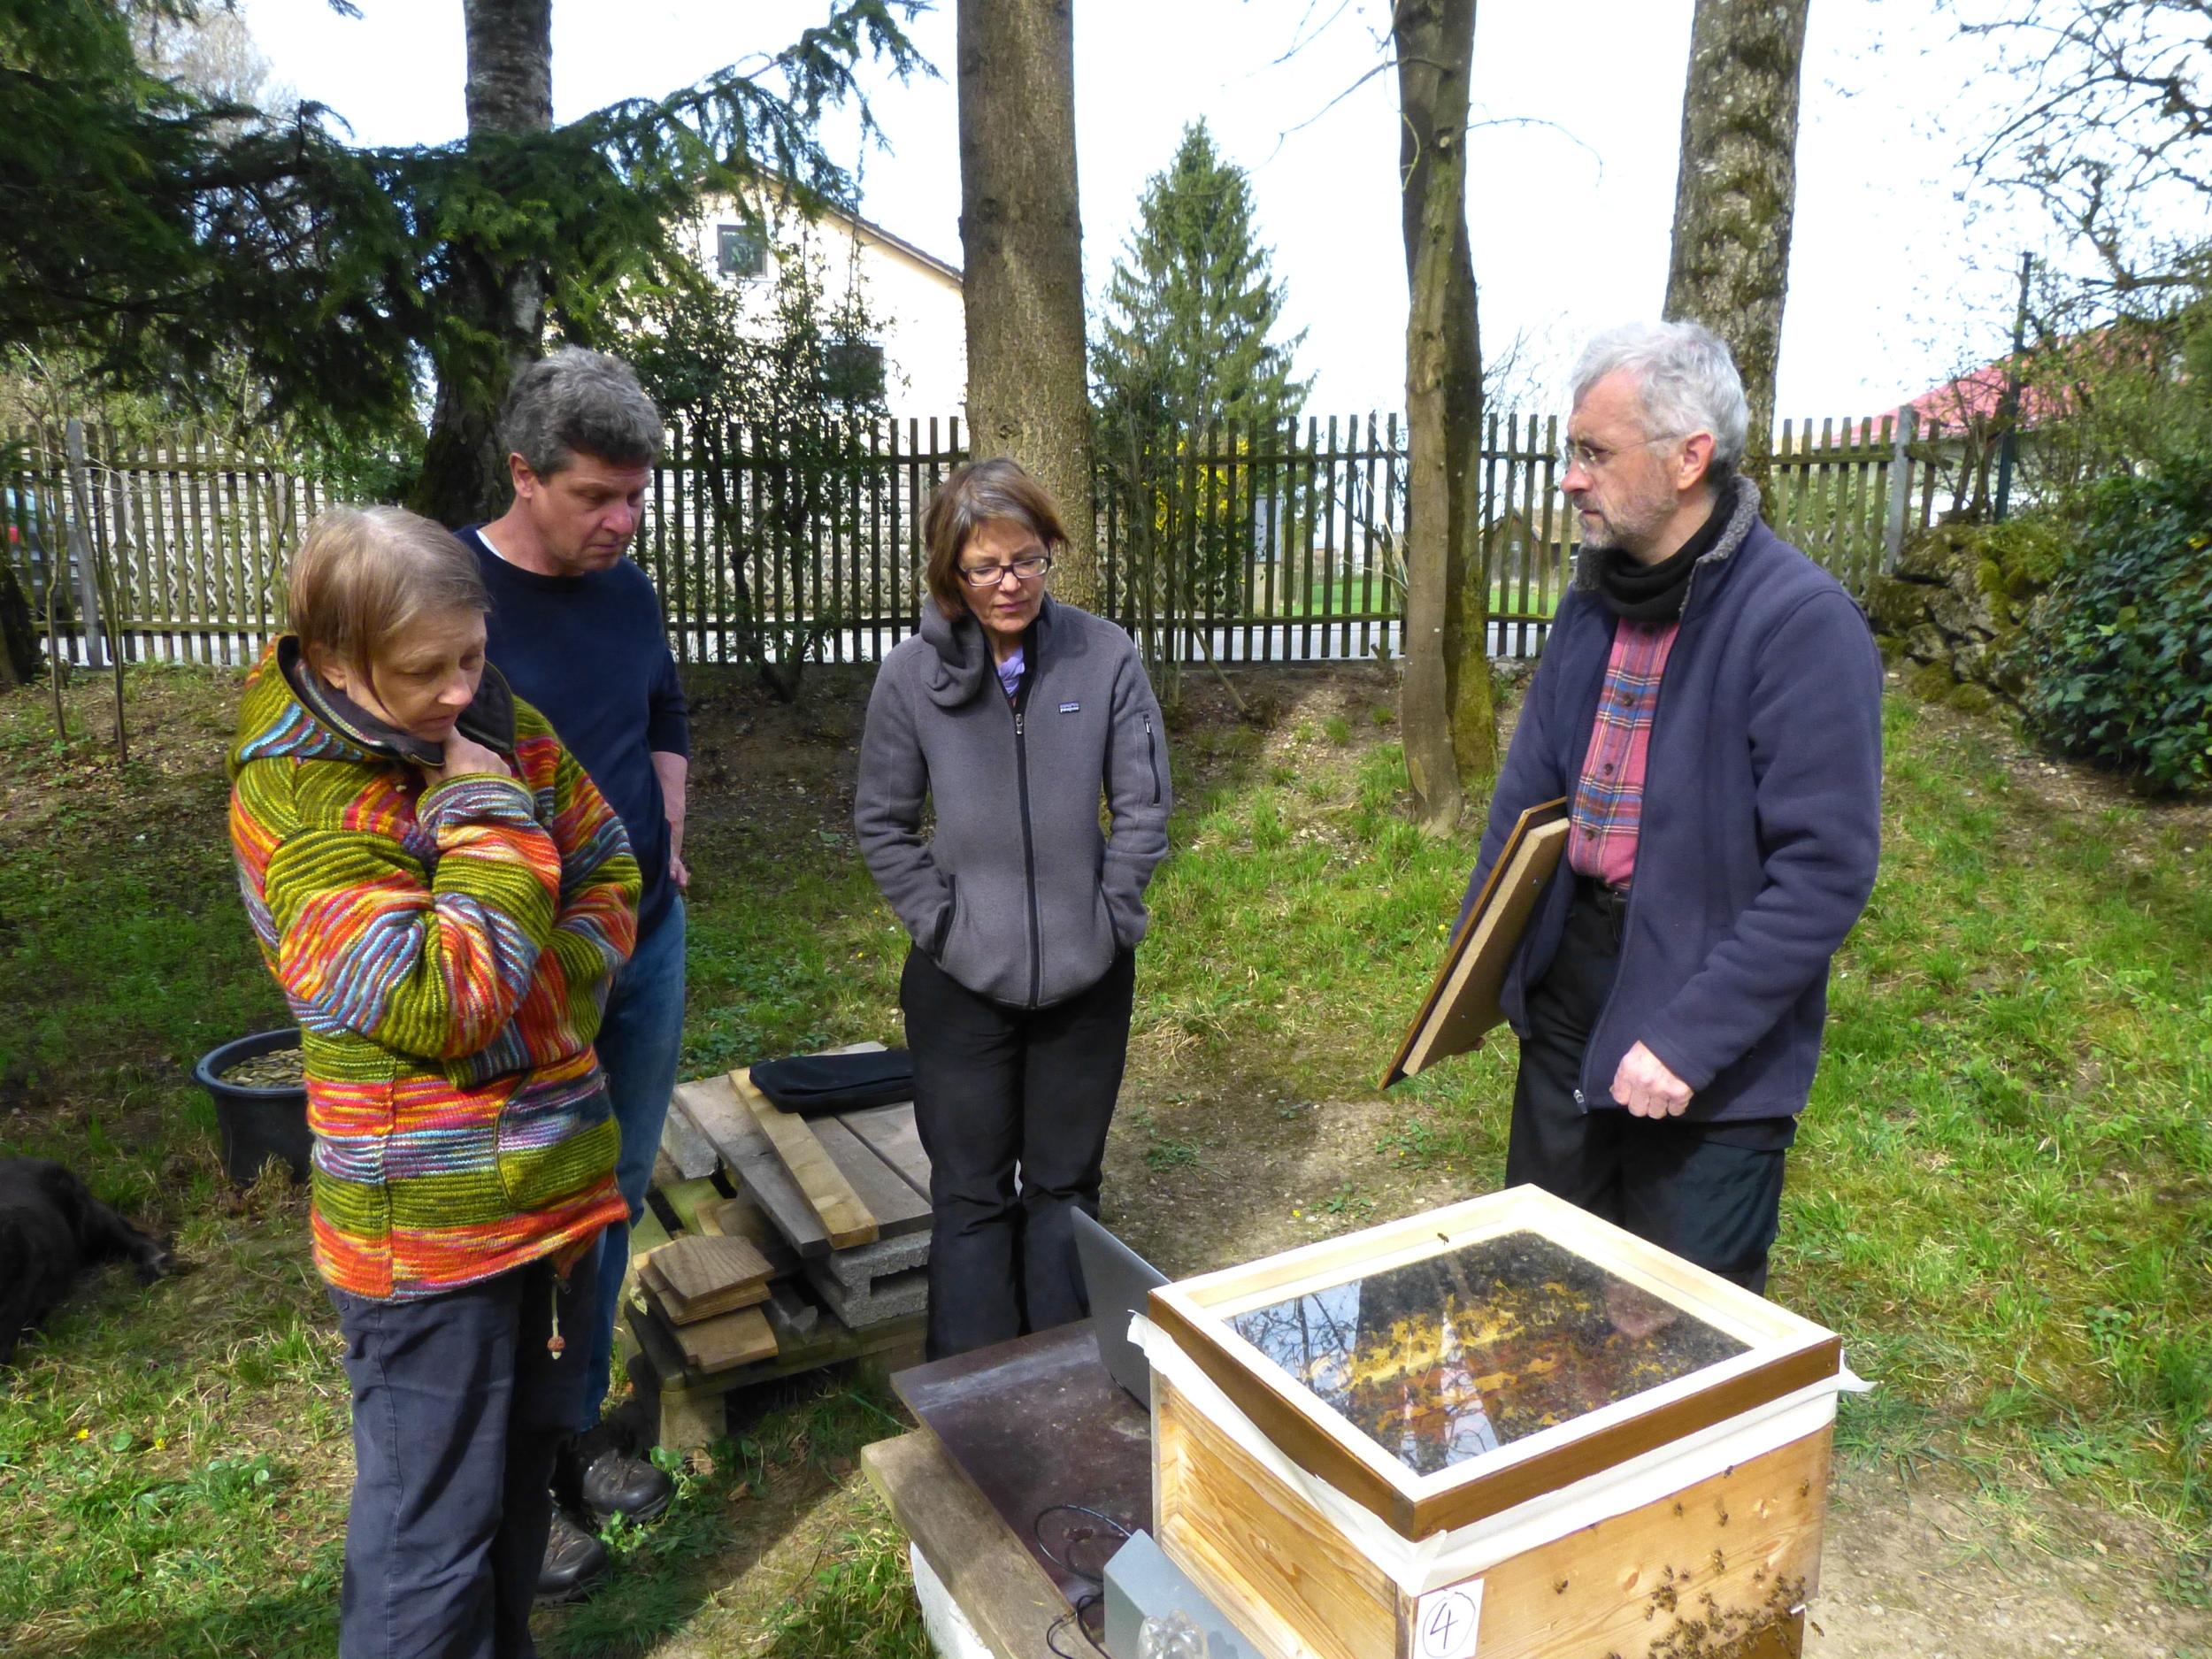 Bienensauna-Vorführung in Zorneding